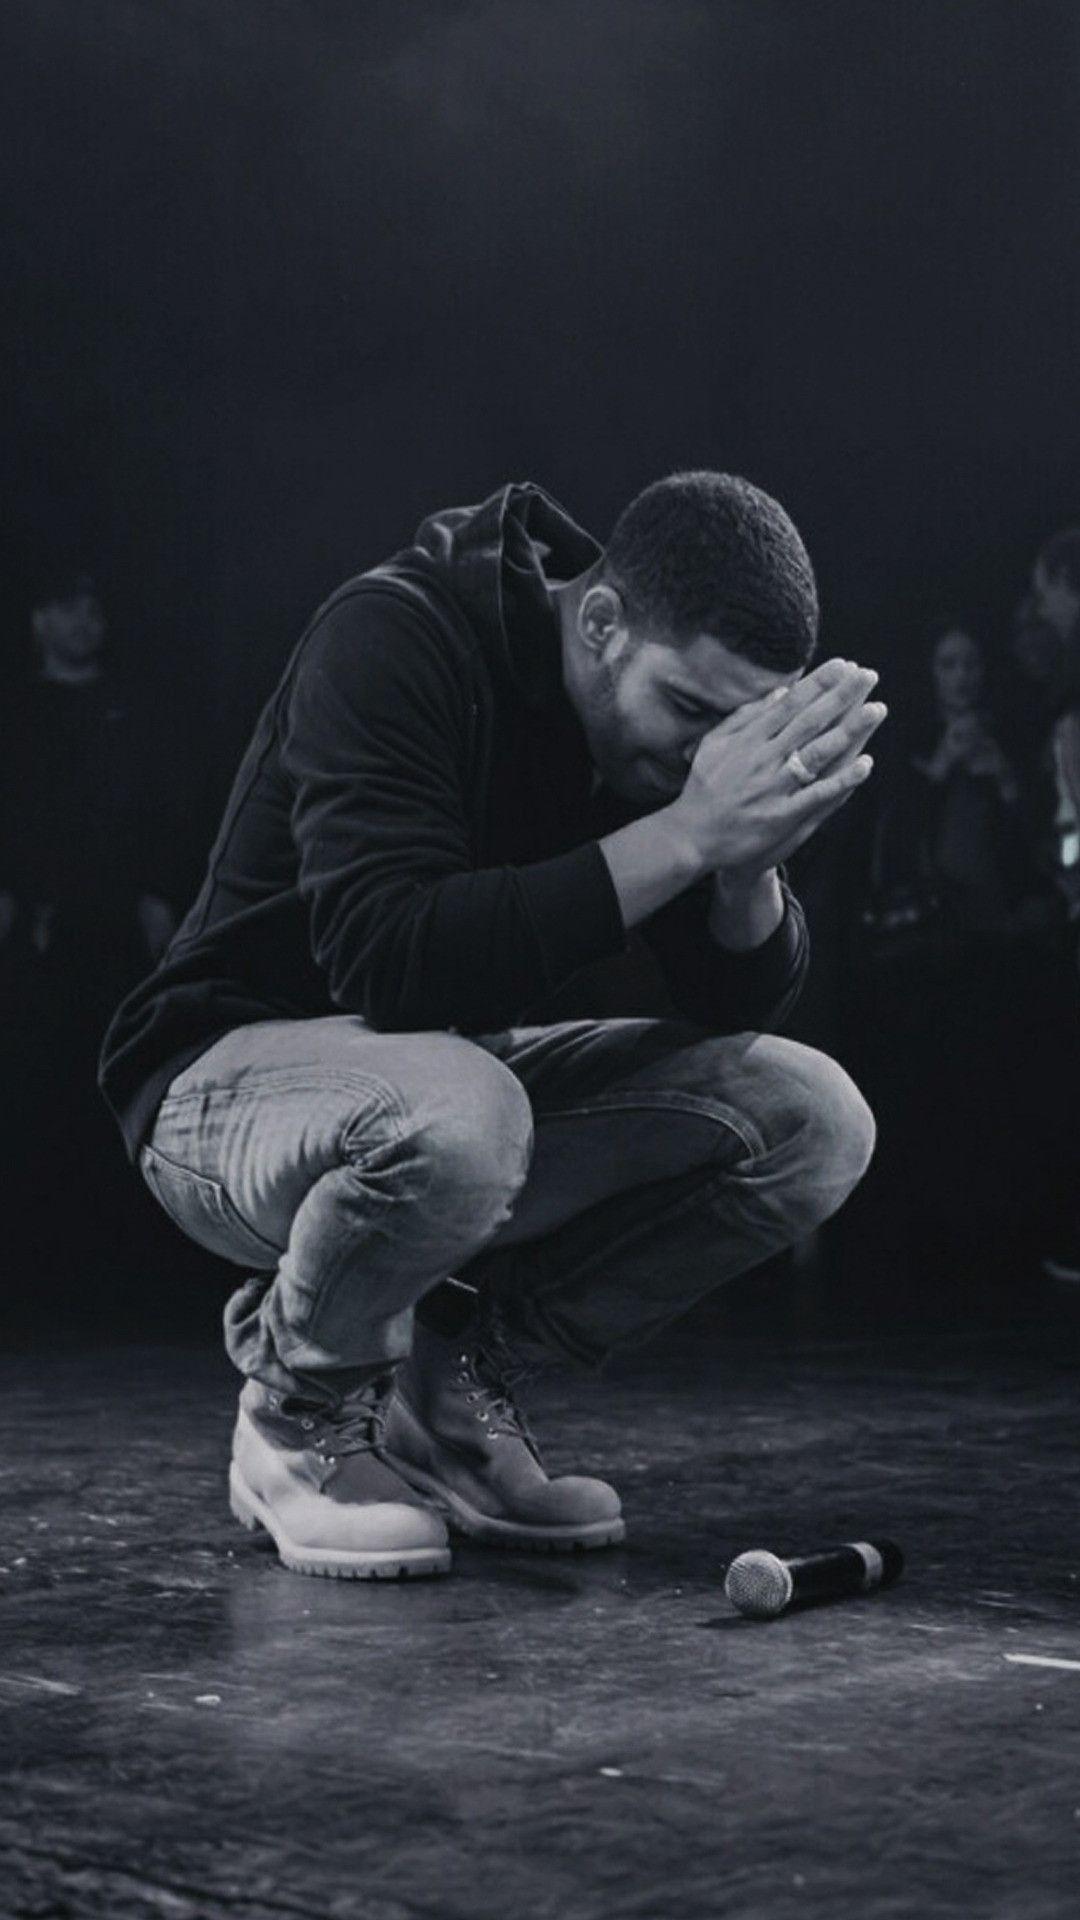 Drake 2018 Wallpapers Wallpaper Cave